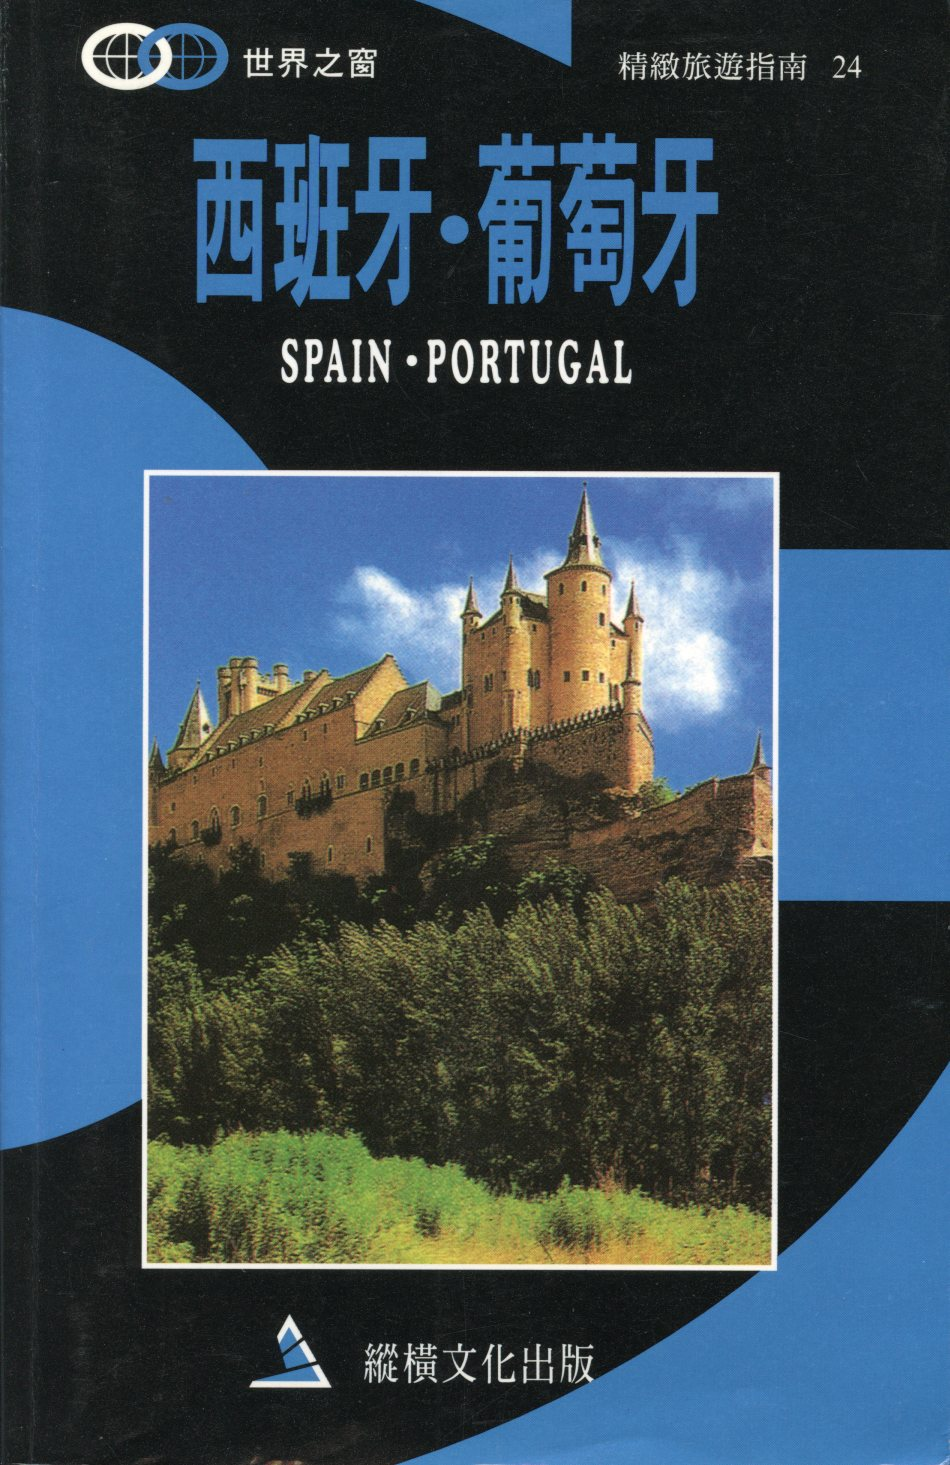 西班牙•葡萄牙